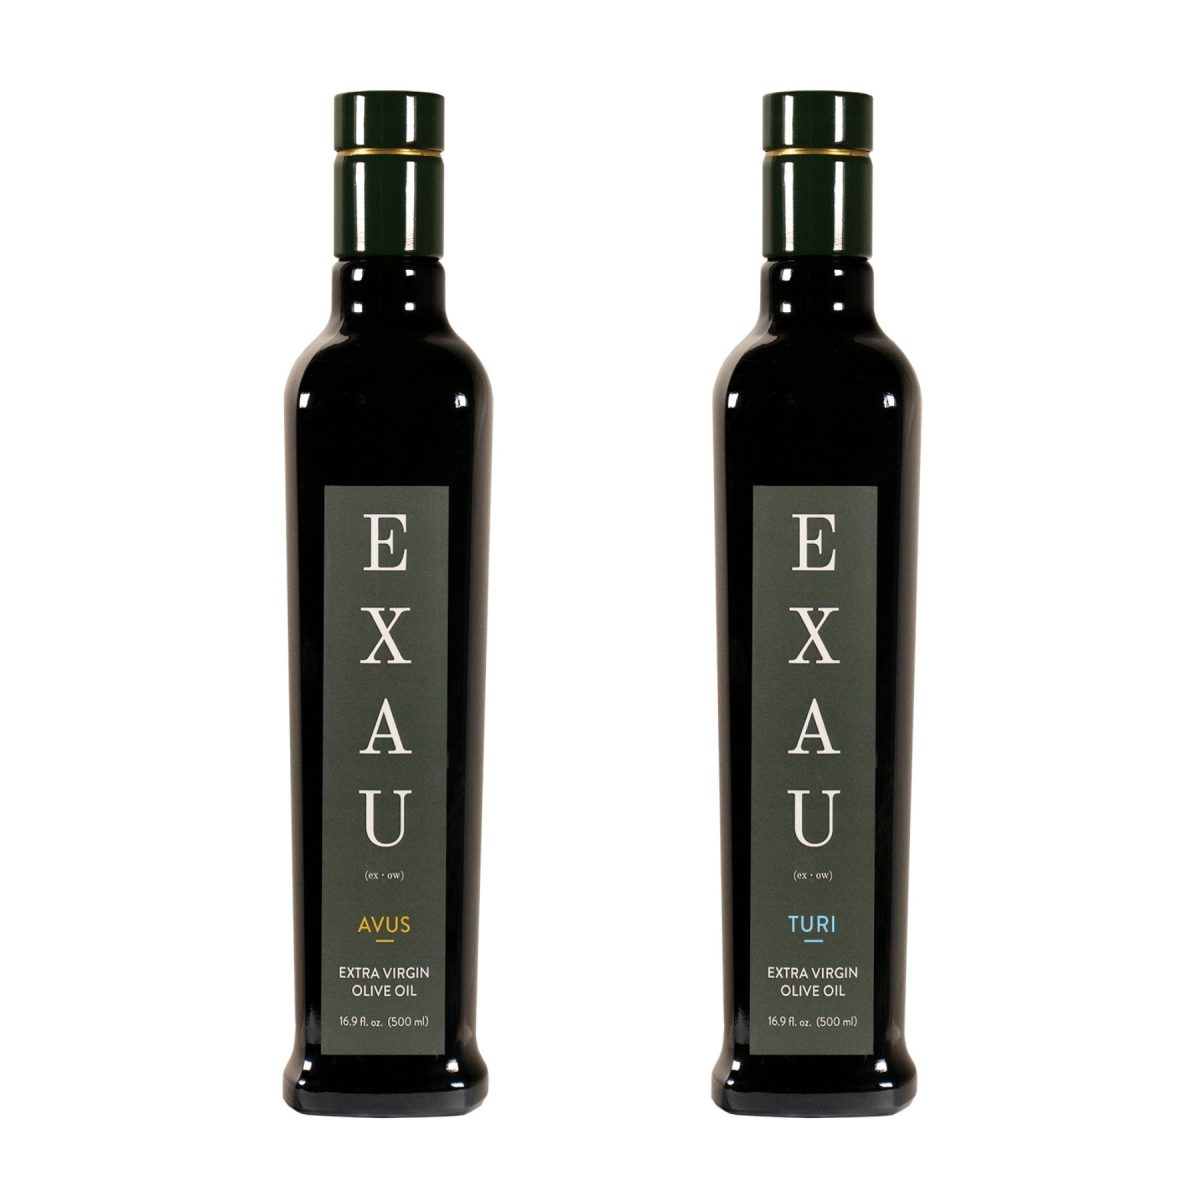 EXAU-Olive-Oil_2019-Harvest_AVUS-TURI-omqbms0q254r34du6b3umysxmzpf5ji9l6row7rvnk